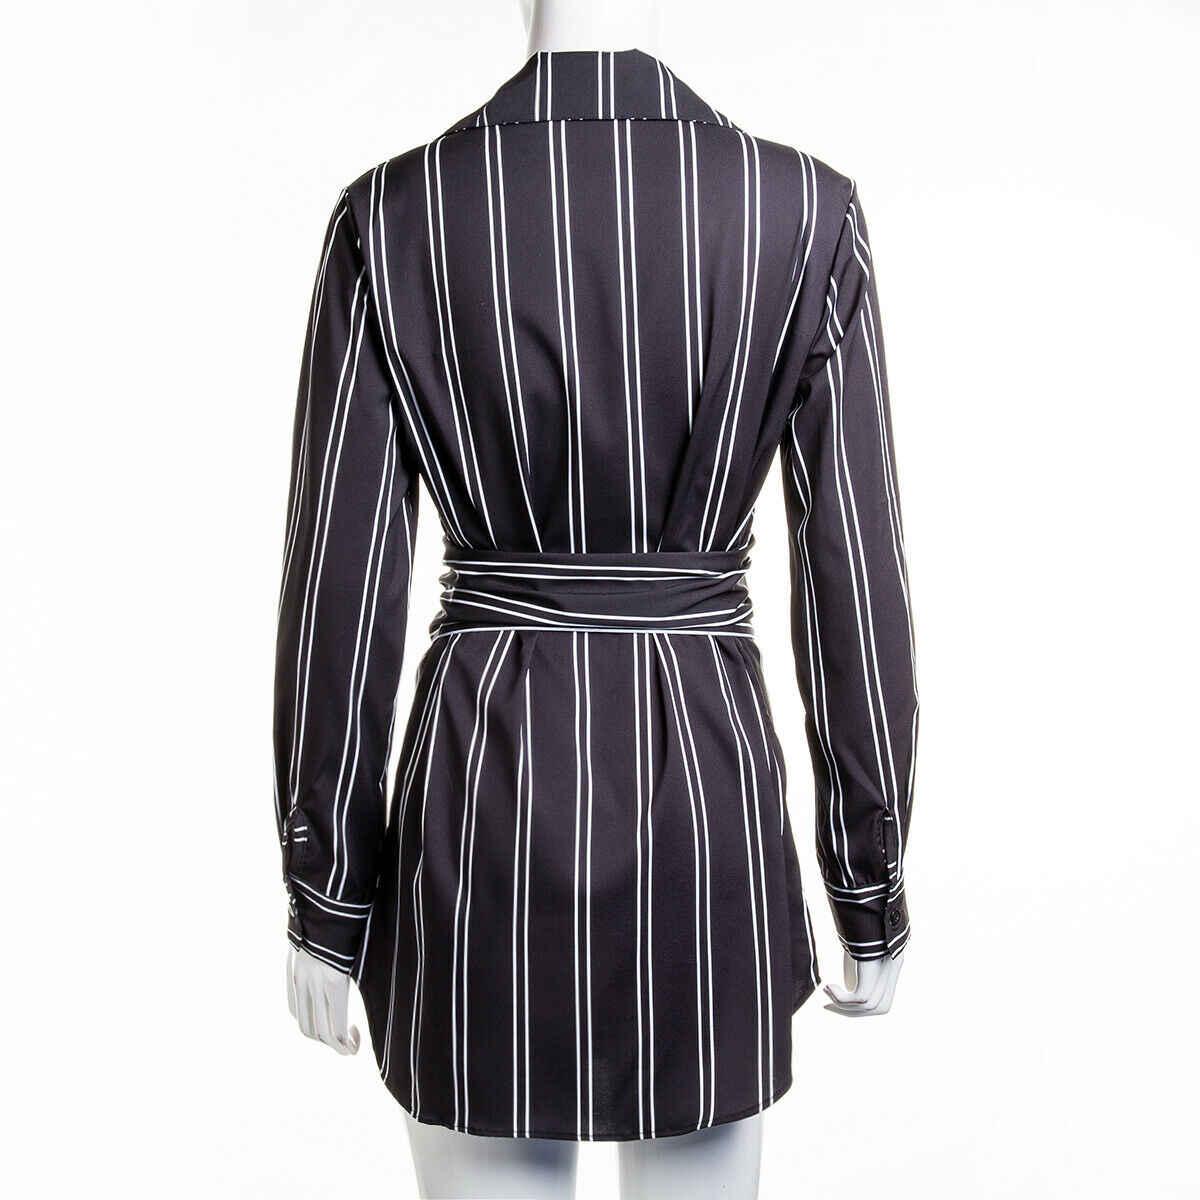 Горячая Женская свободная весенне-летняя модная повседневная офисная стильная одежда черного цвета с длинными рукавами в полоску Топы Блузка Рубашки Платье s-xxl